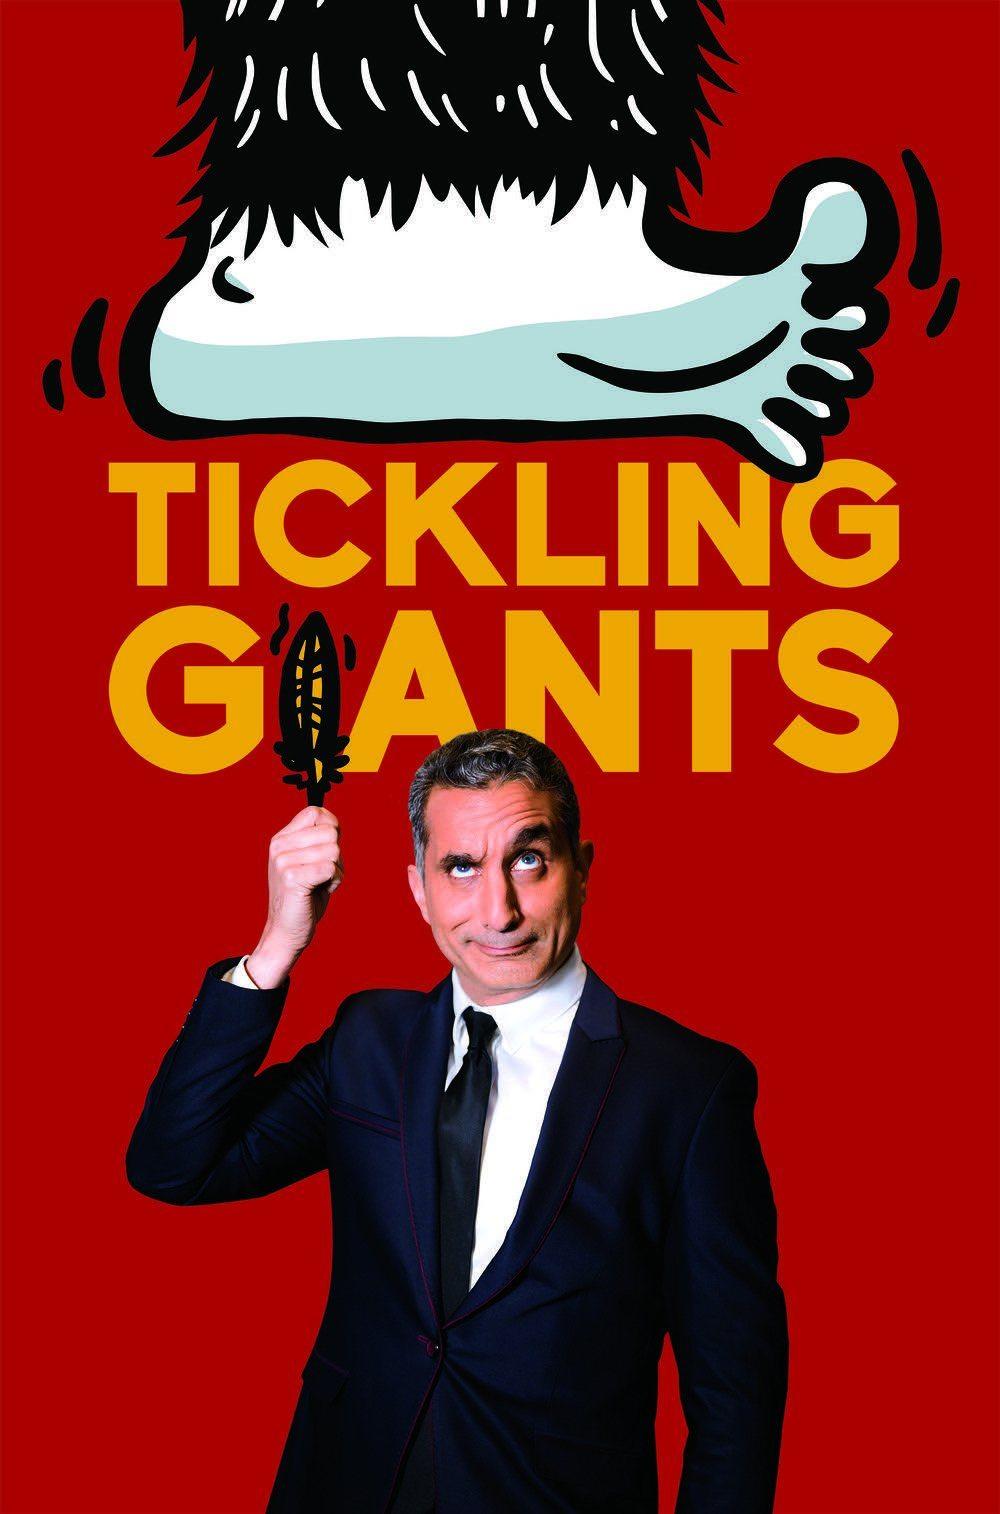 Image Tickling Giants Bassem Youssef